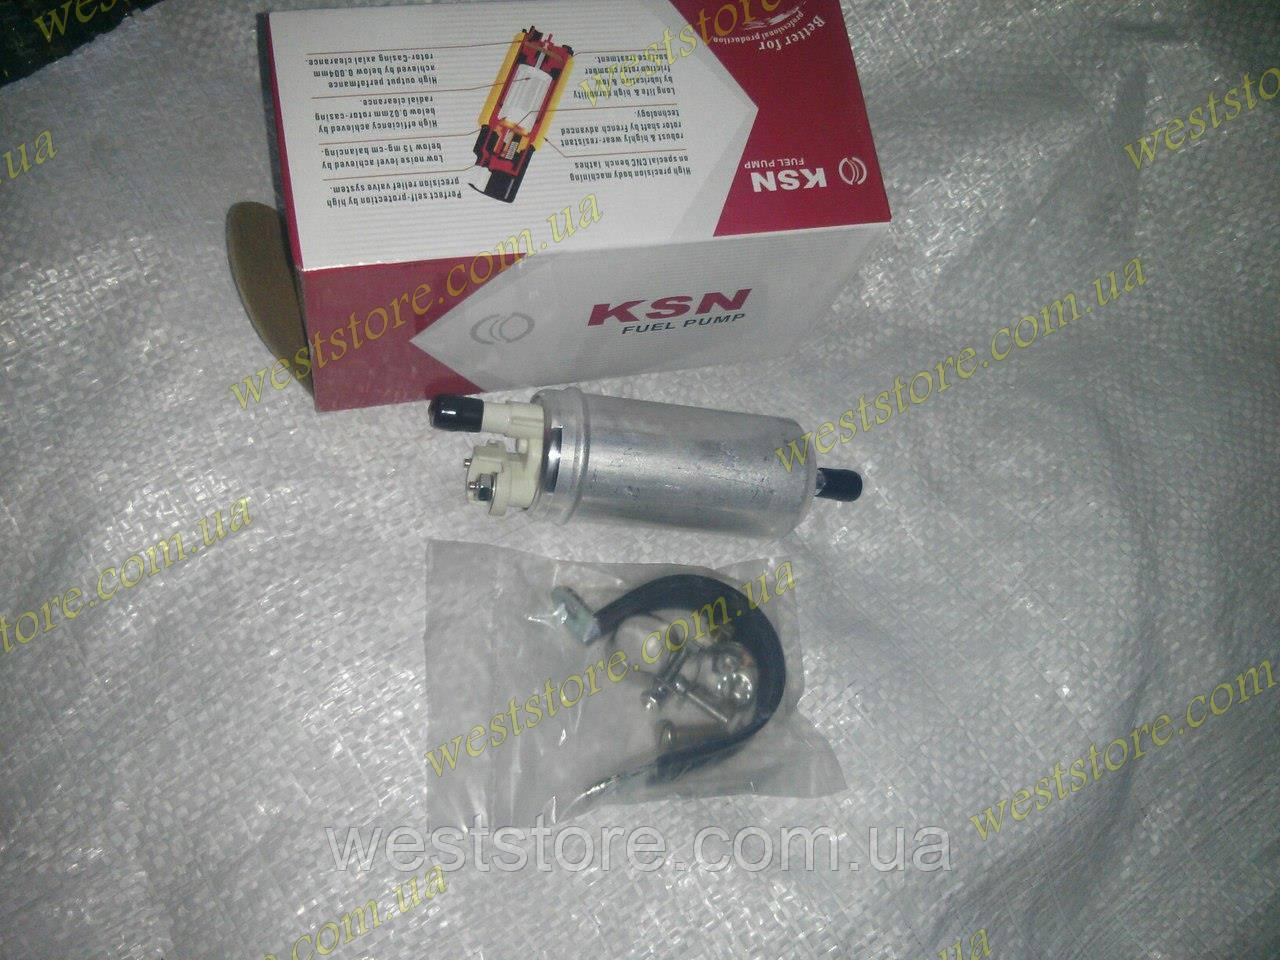 Электробензонасос низкого давления ваз 2101- 2107, 2108- 2109, заз 1102- 1130 таврия KSN (замена механики)